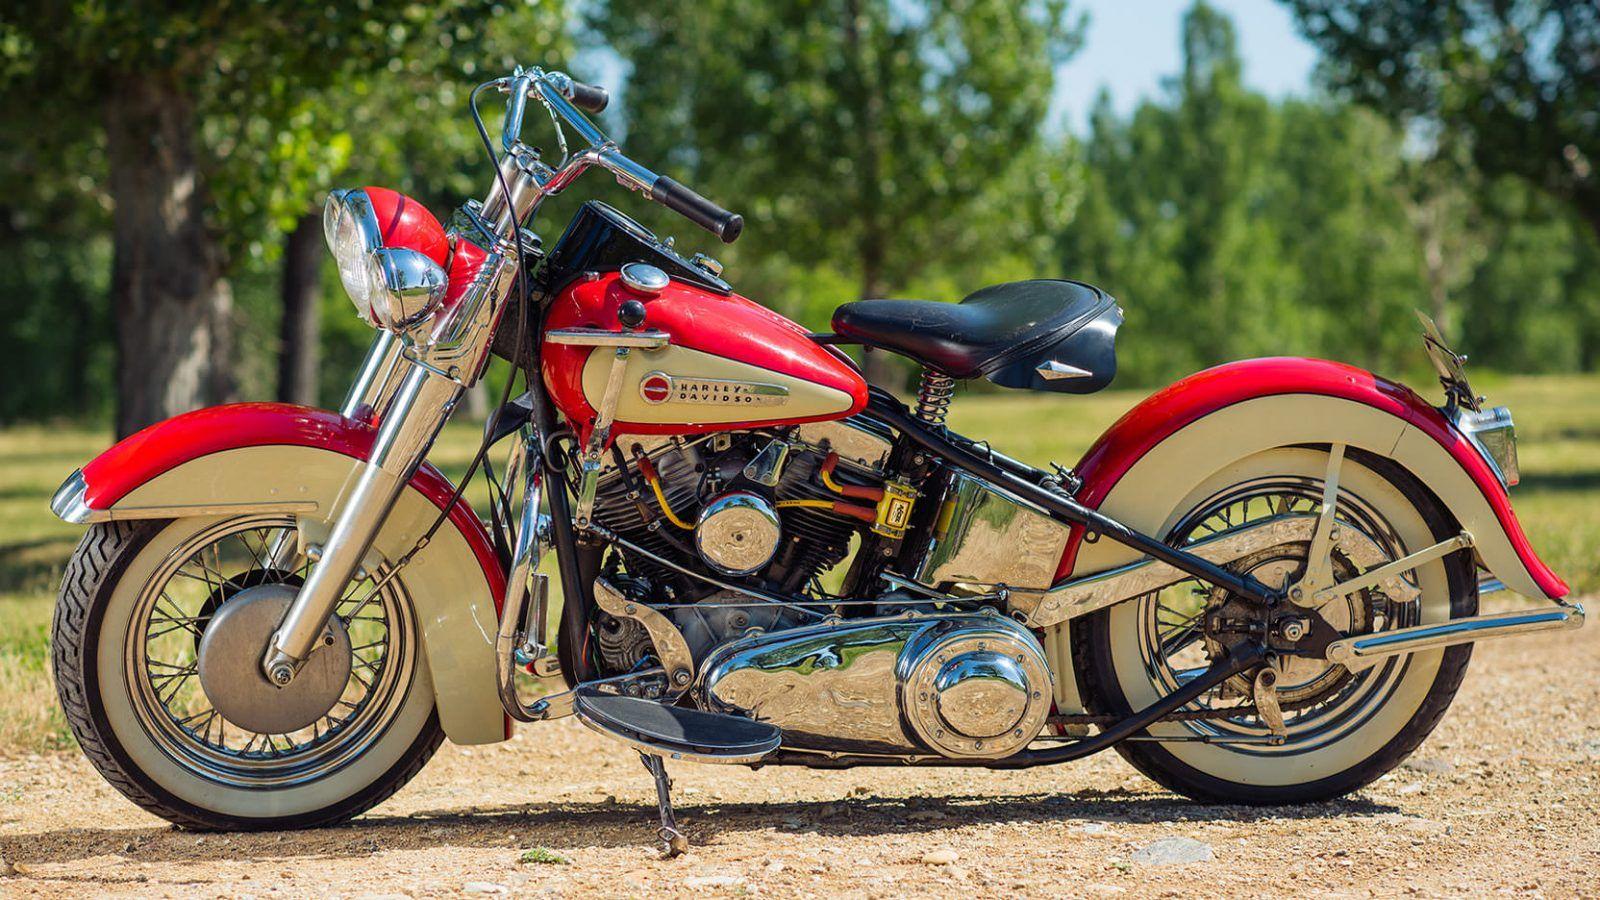 1949 Harley Davidson Fl Panhead Harley Davidson Harley Harley Davidson Knucklehead